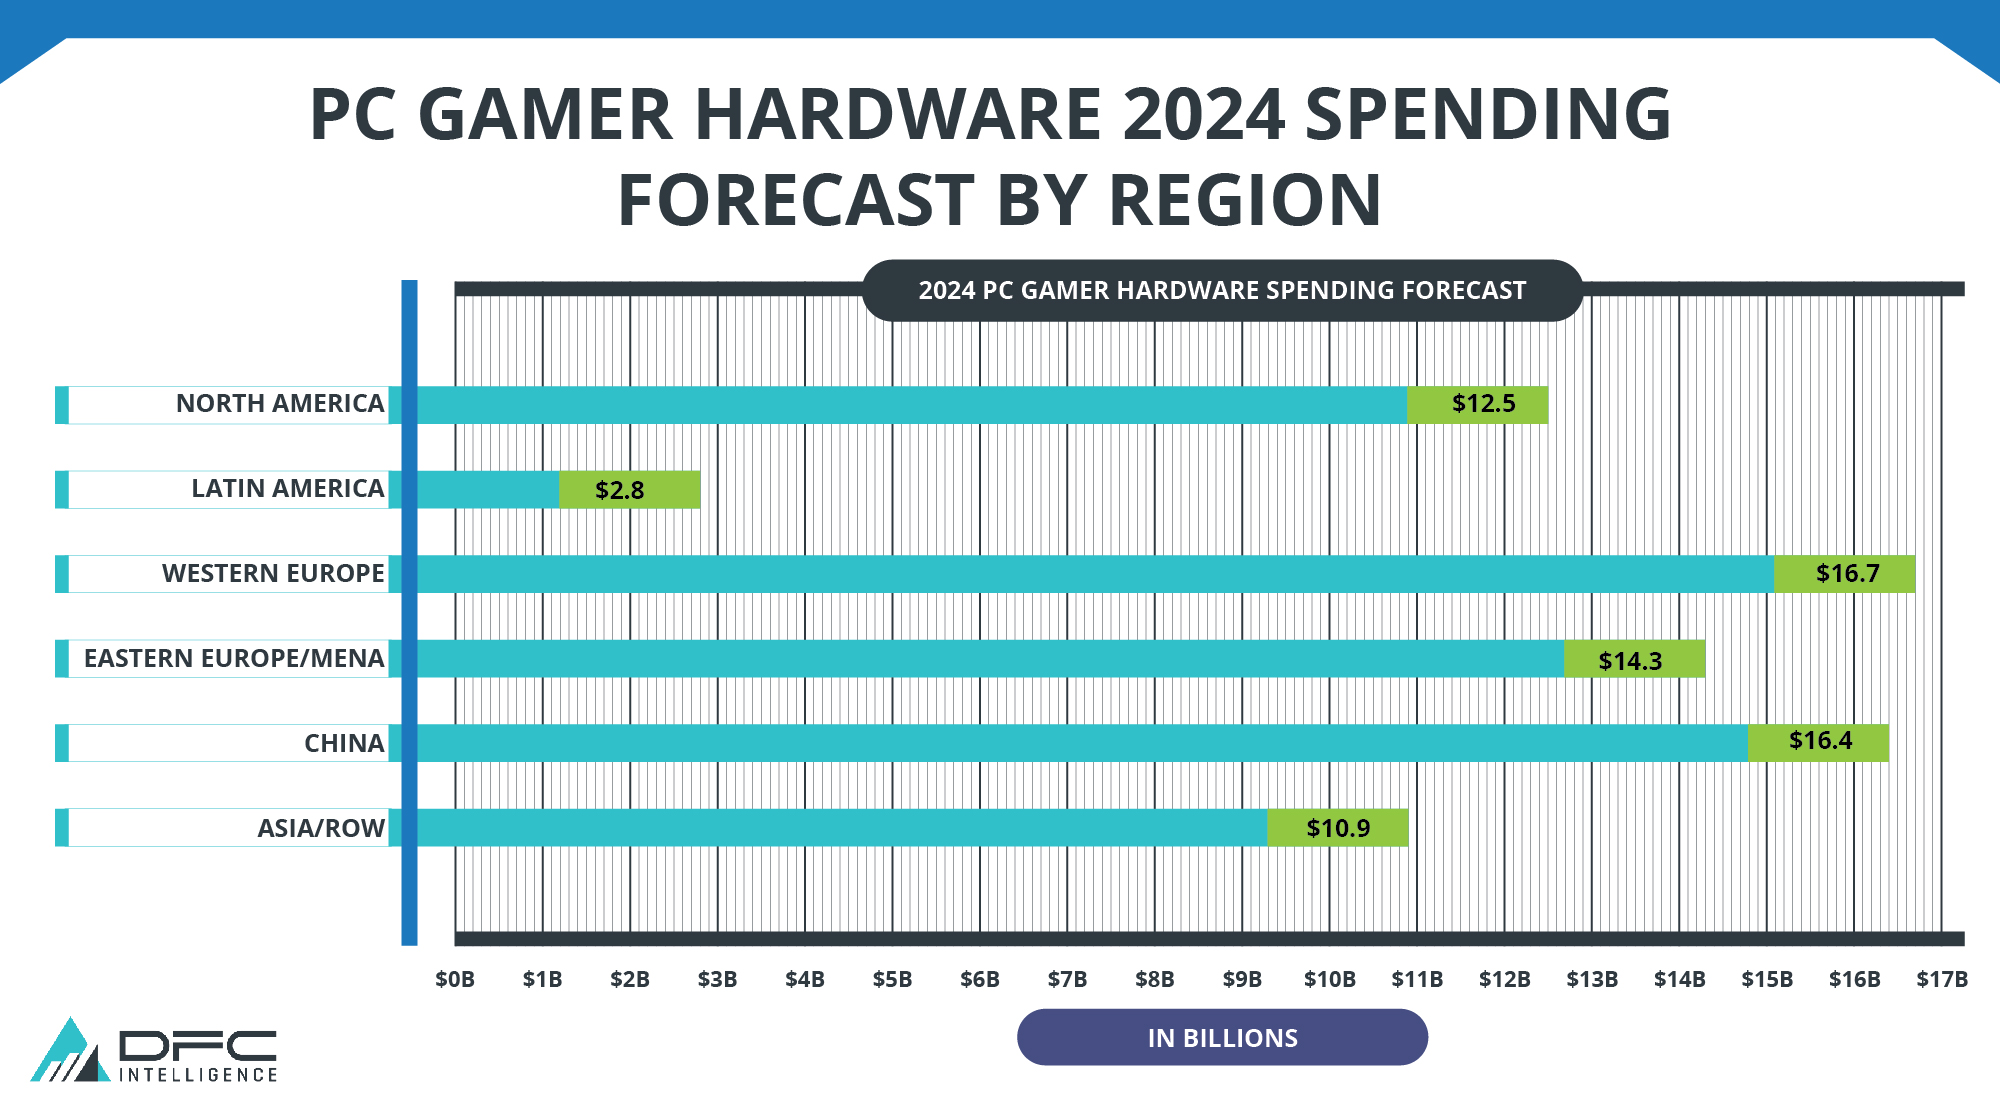 PC Gamer Hardware Spending 2024 by Region